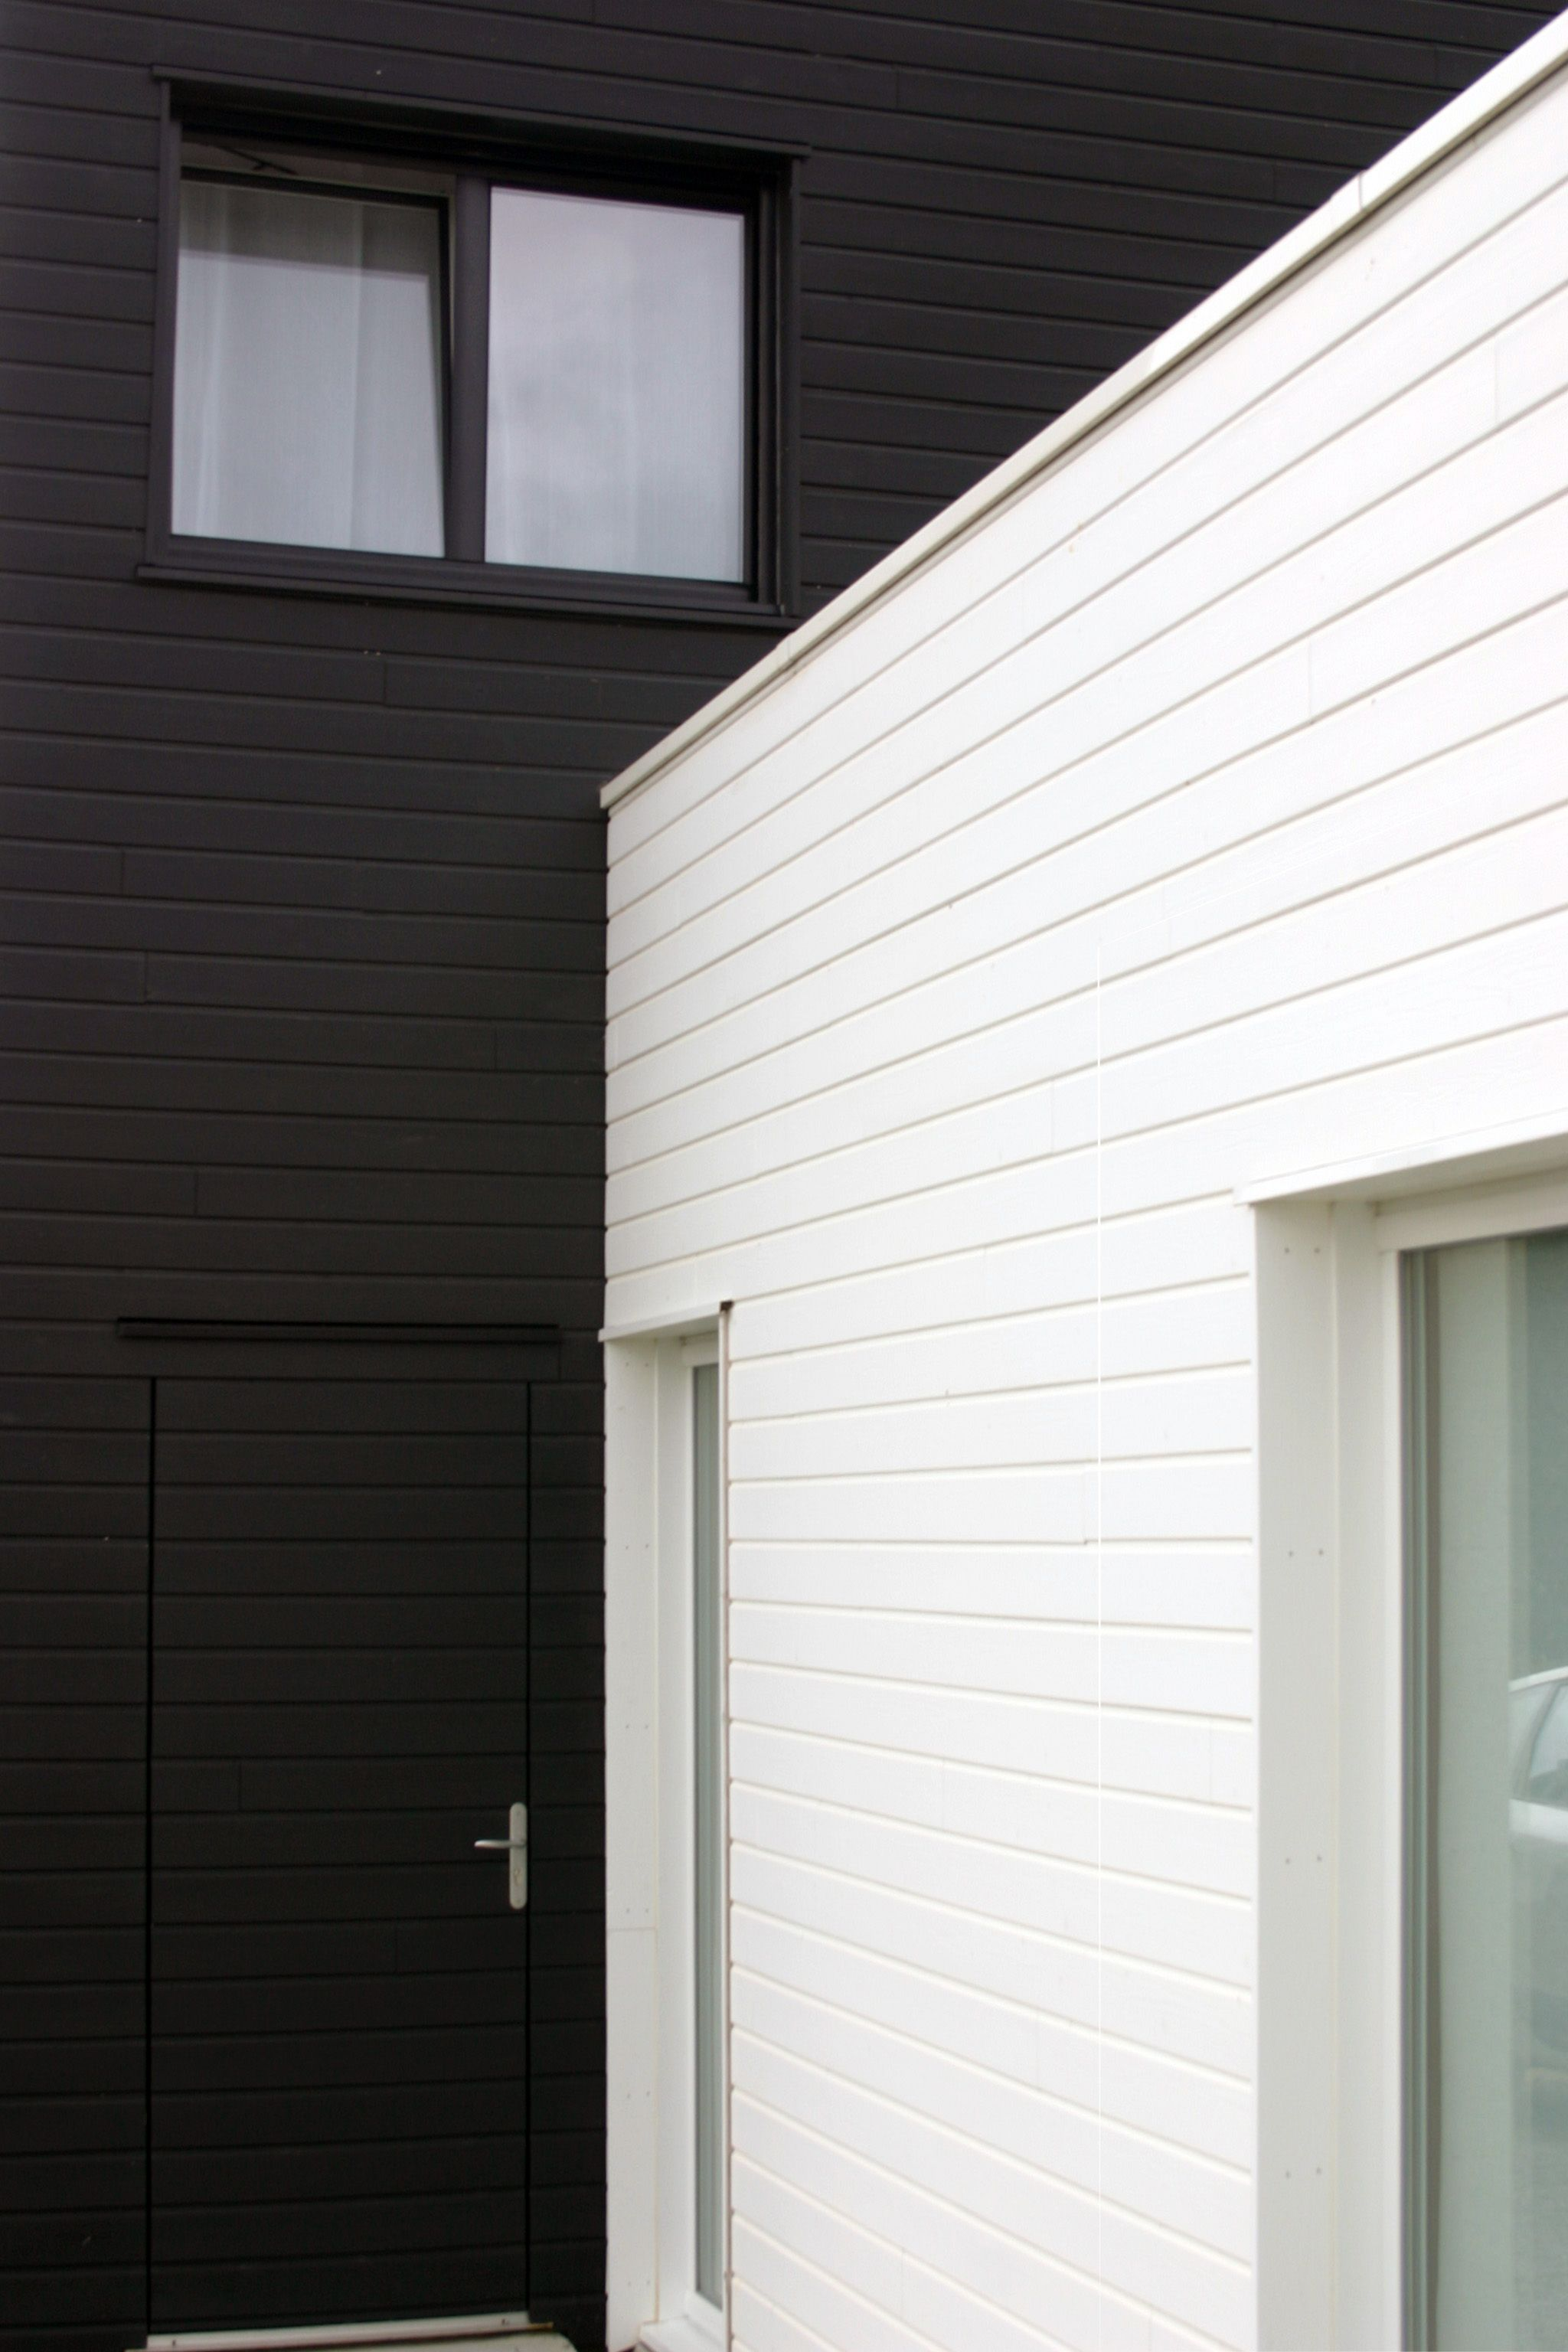 maison bardage noir blanc architecture pinterest bardage noir et maisons. Black Bedroom Furniture Sets. Home Design Ideas